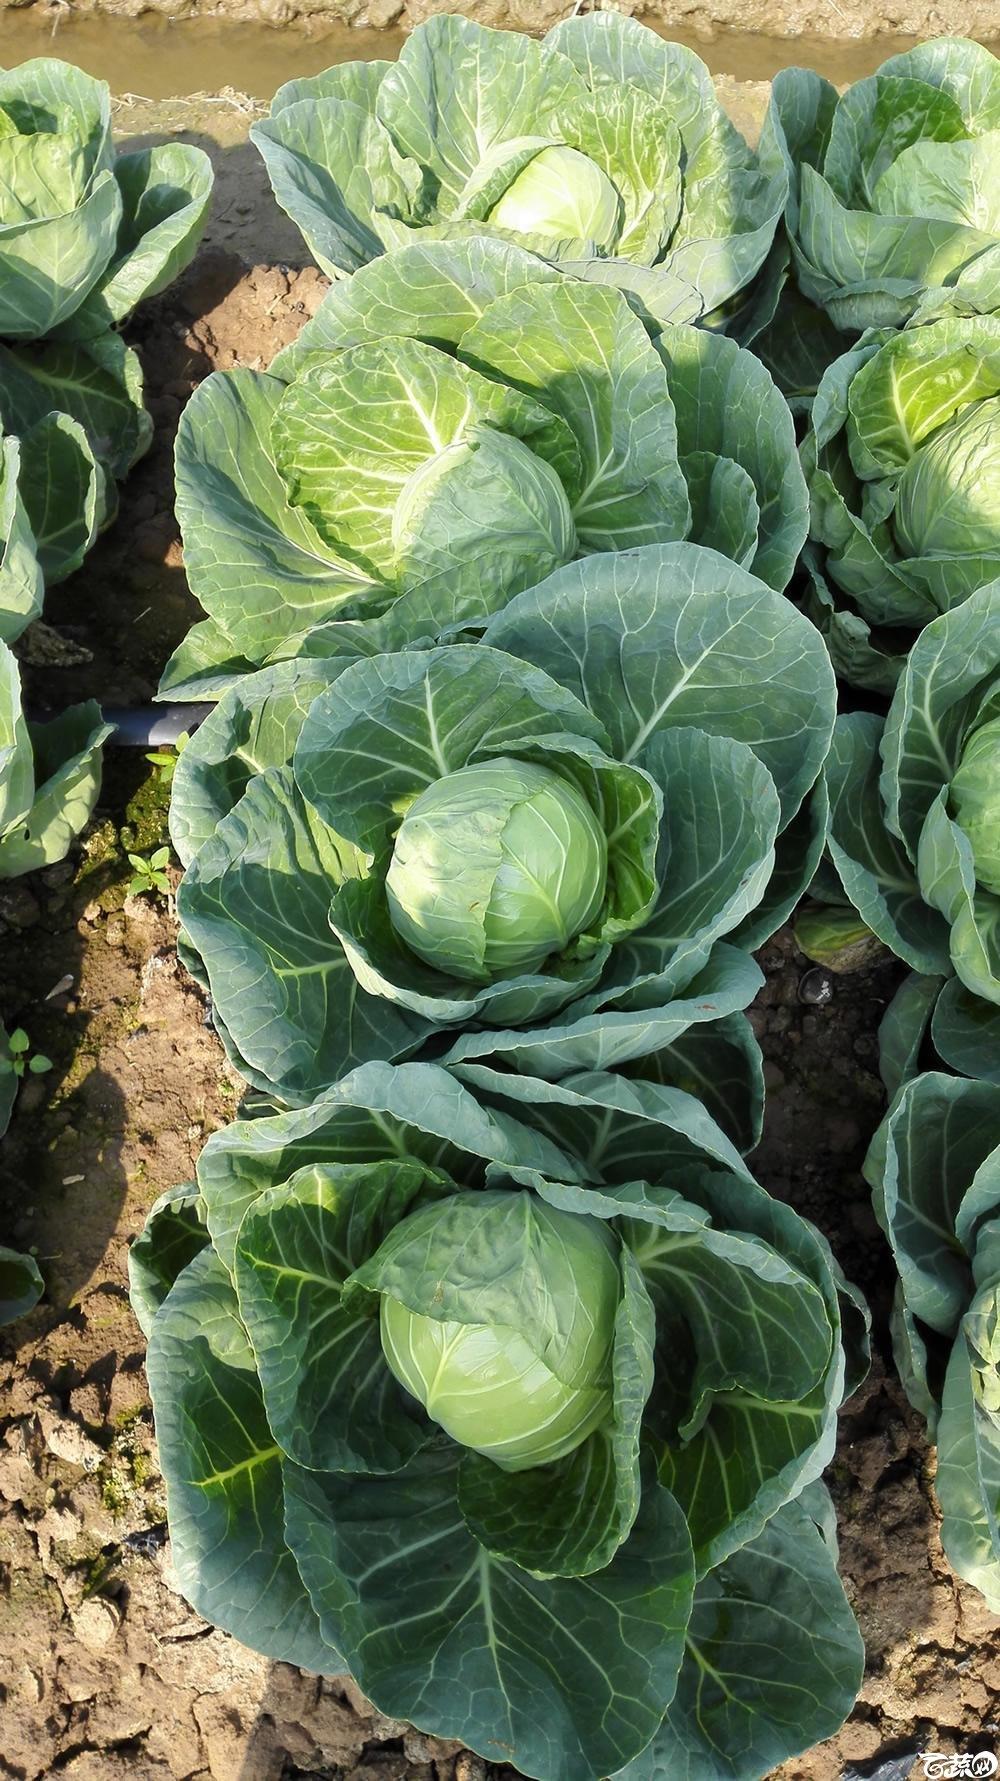 2014年12月10号广州市农科院南沙秋季蔬菜新品种展示会 甘蓝_145.jpg